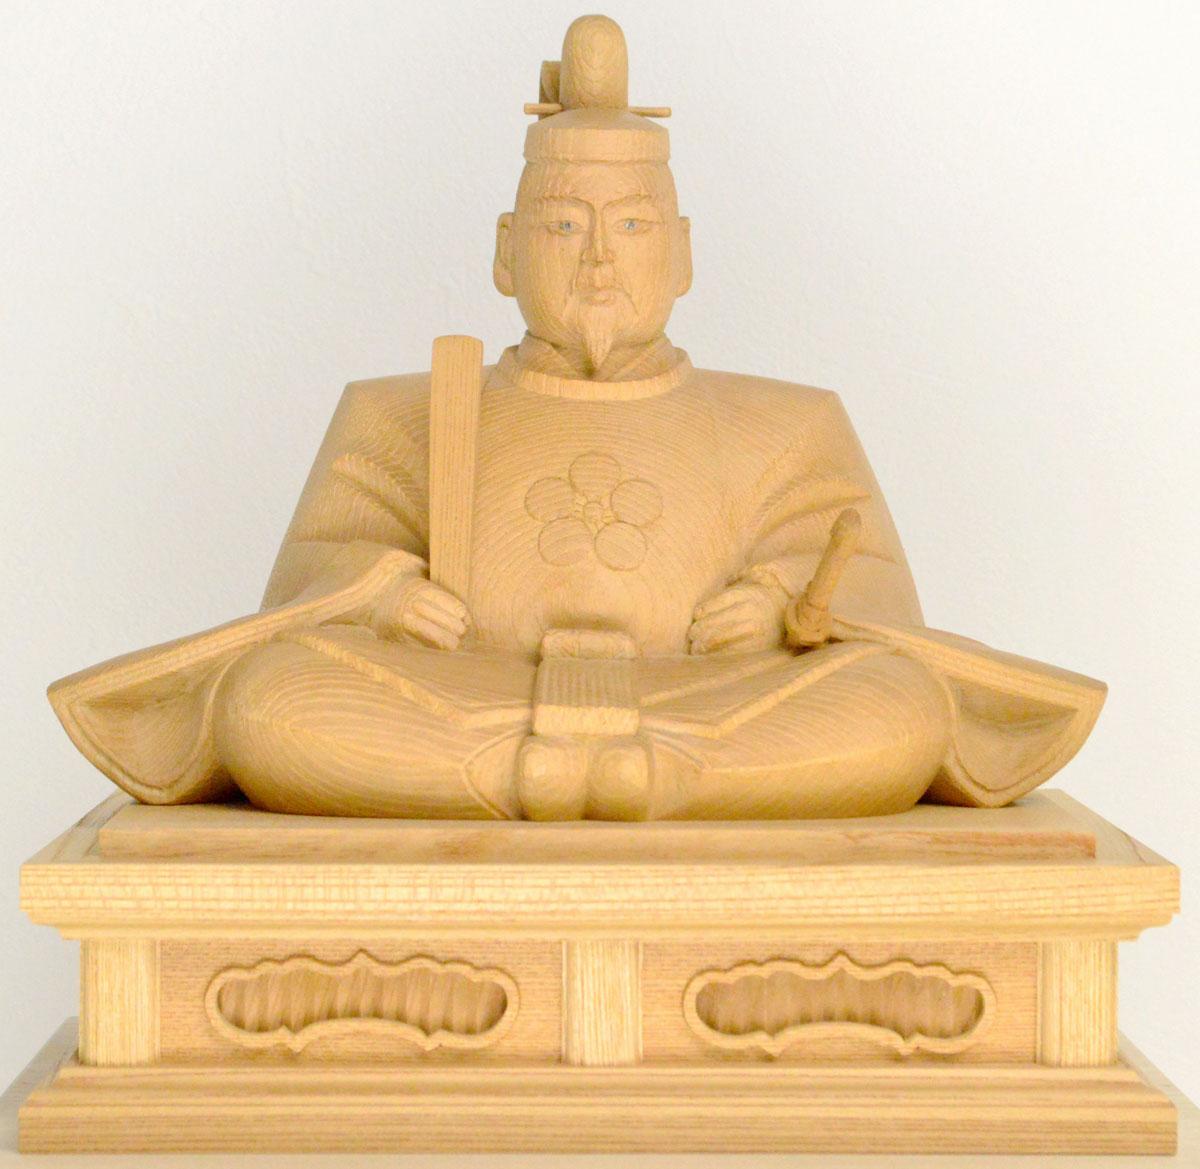 【天神様】井波彫刻『菅原道真公』八寸 欅石井 米児(いしい よねじ)※お道具セット付き※1品ごとに木目が異なります。